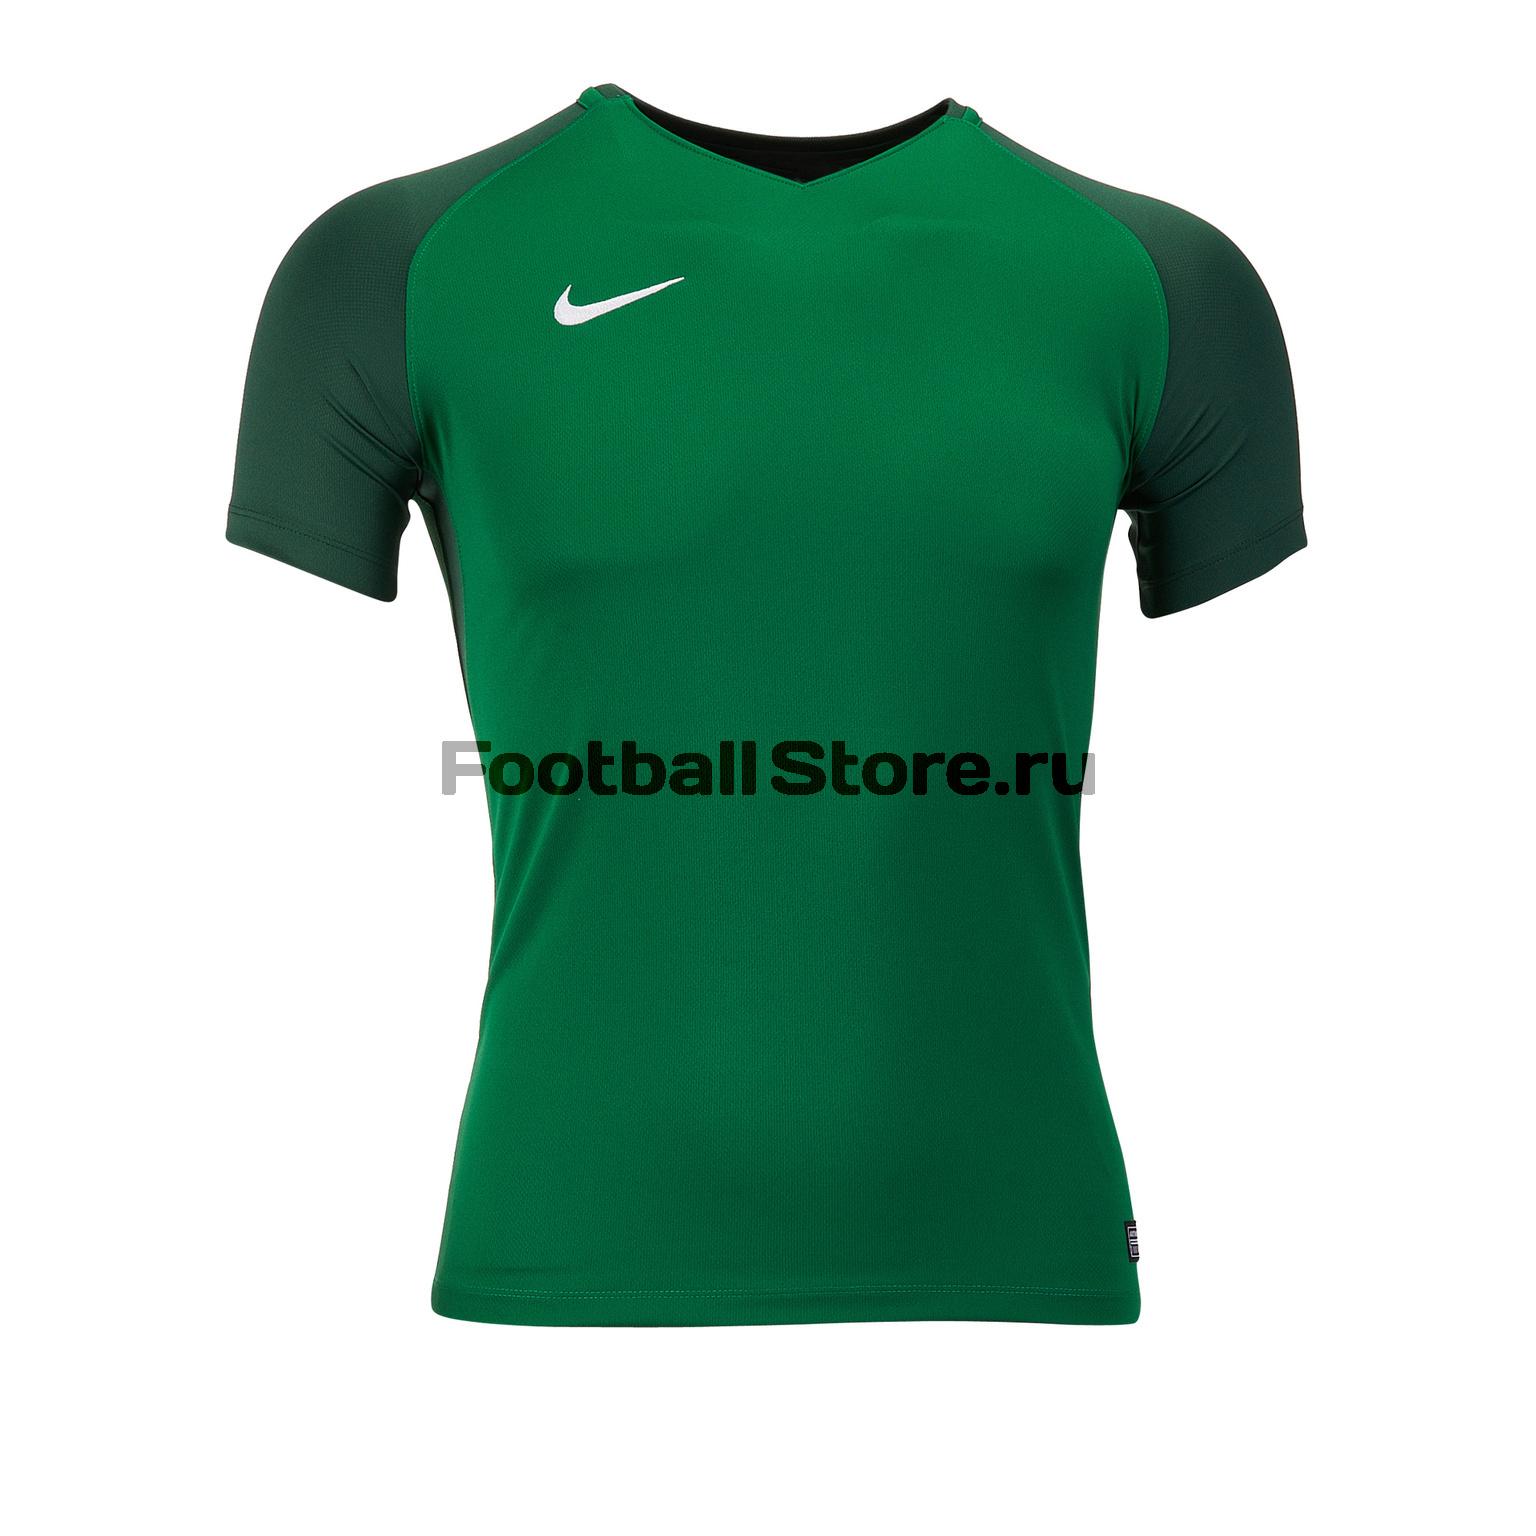 Футболка игровая подростковая Nike Trophy III 881484-302 oris trophy iii ta 100 4